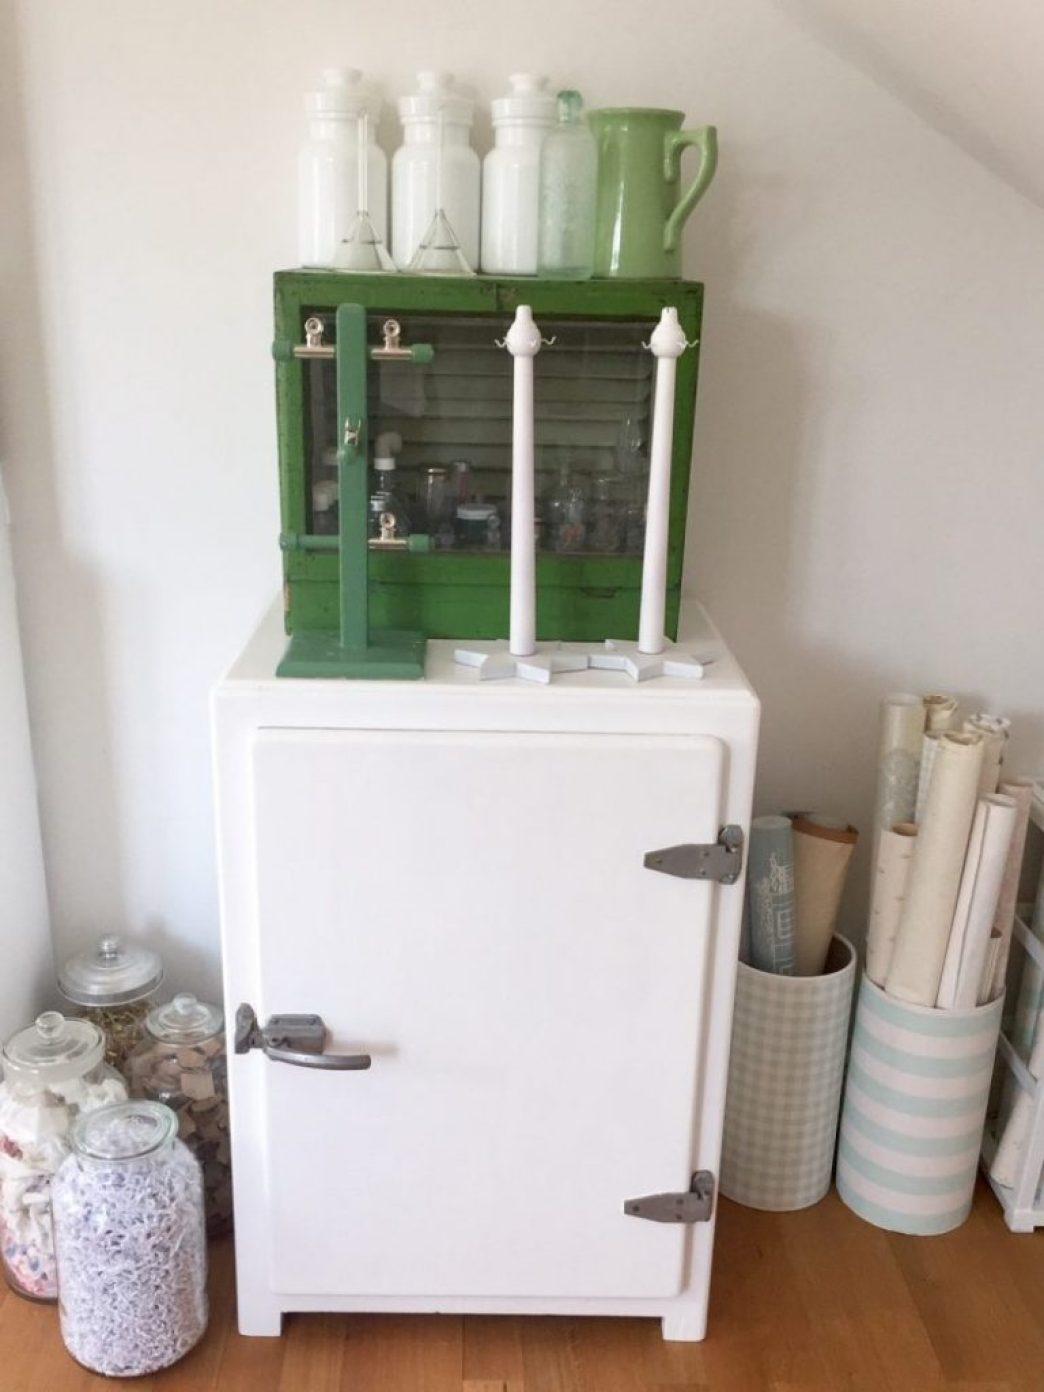 schöner wohnen, uralter Kühlschrank